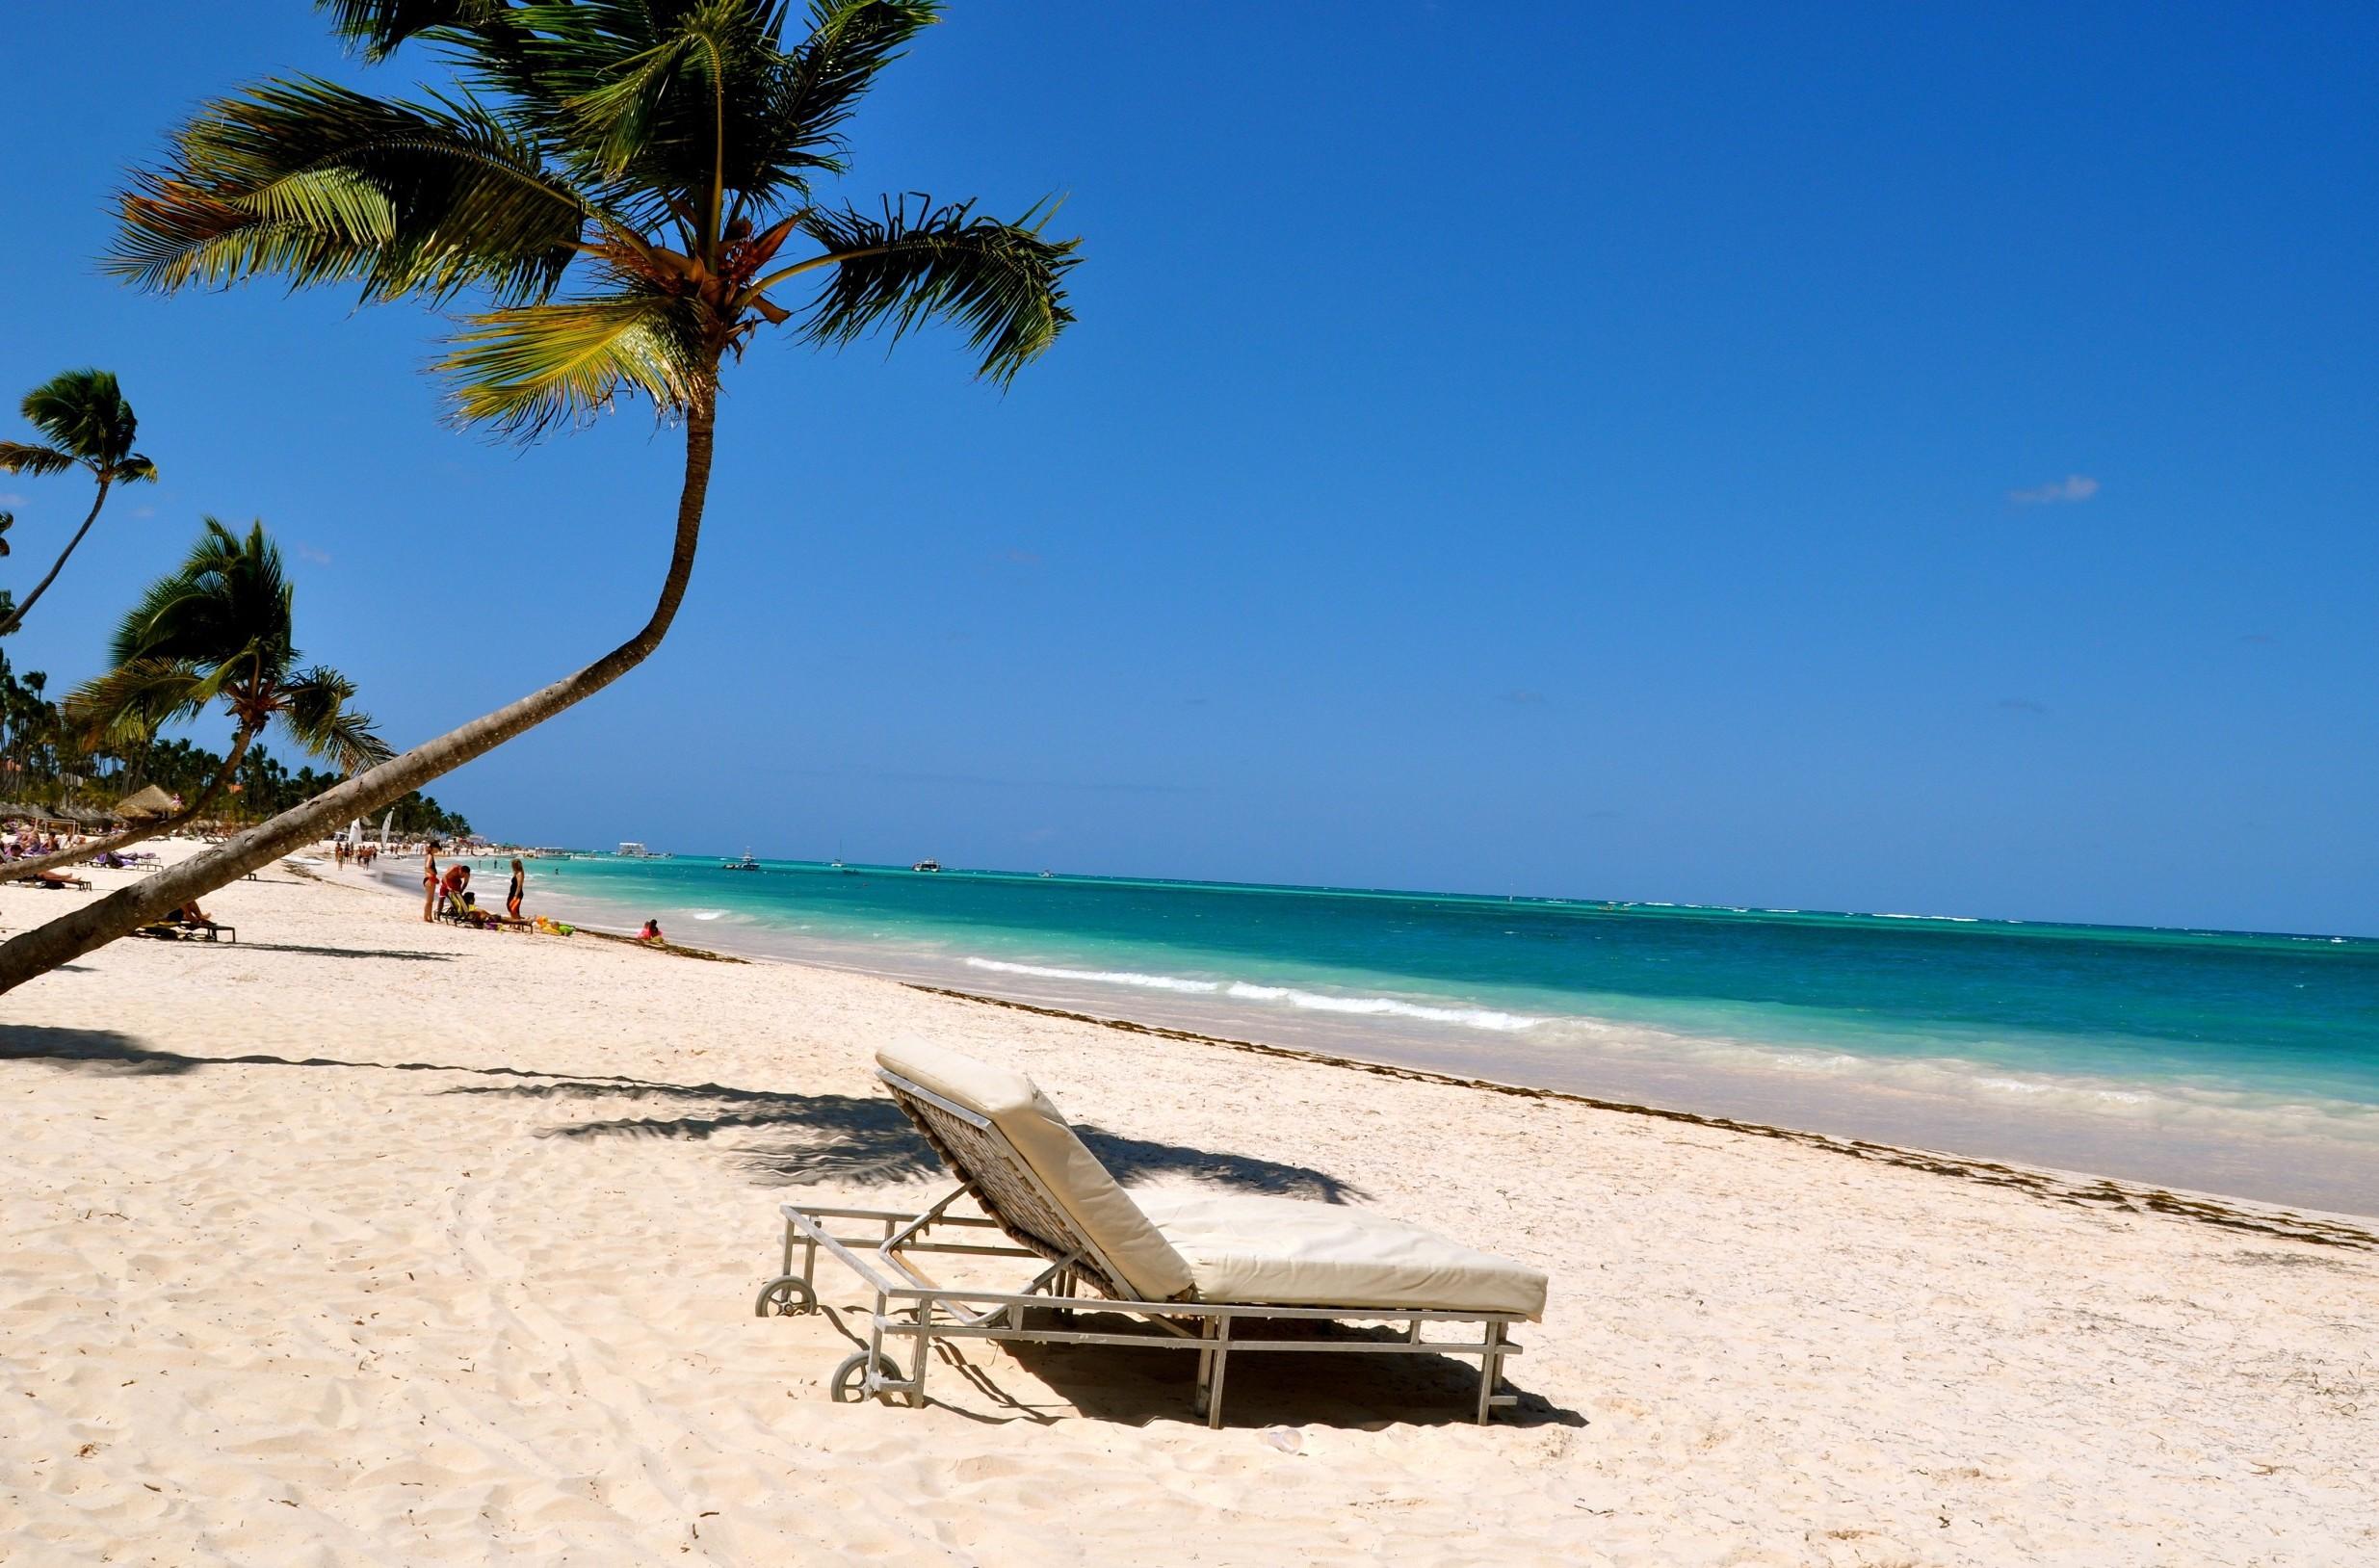 Infezioni in vacanza in forte aumento, l